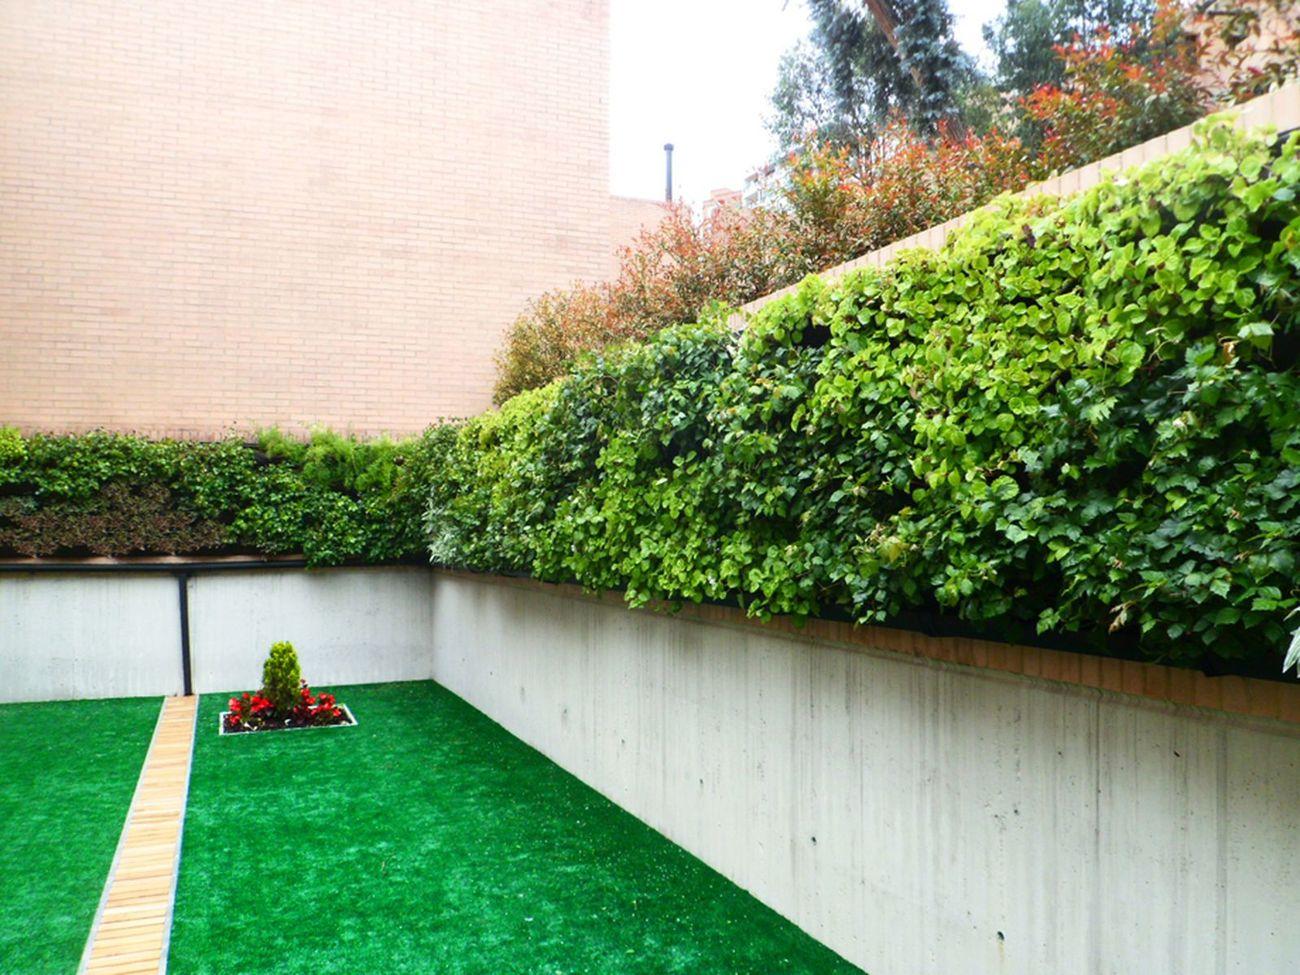 Muro verde artificial finest como un tipo de muro verde for Jardines verdes